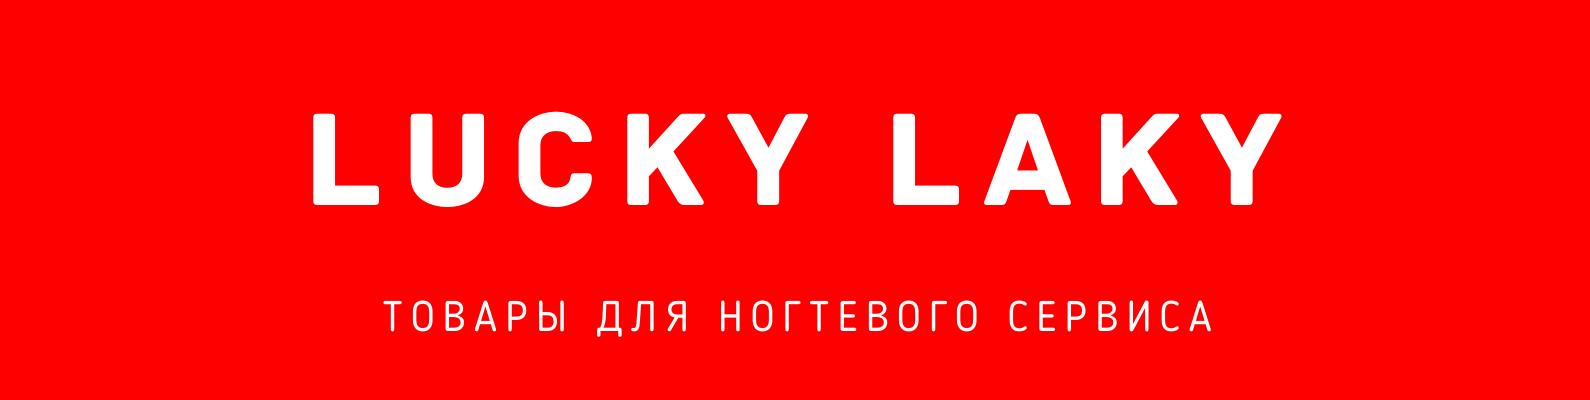 LuckyLaky